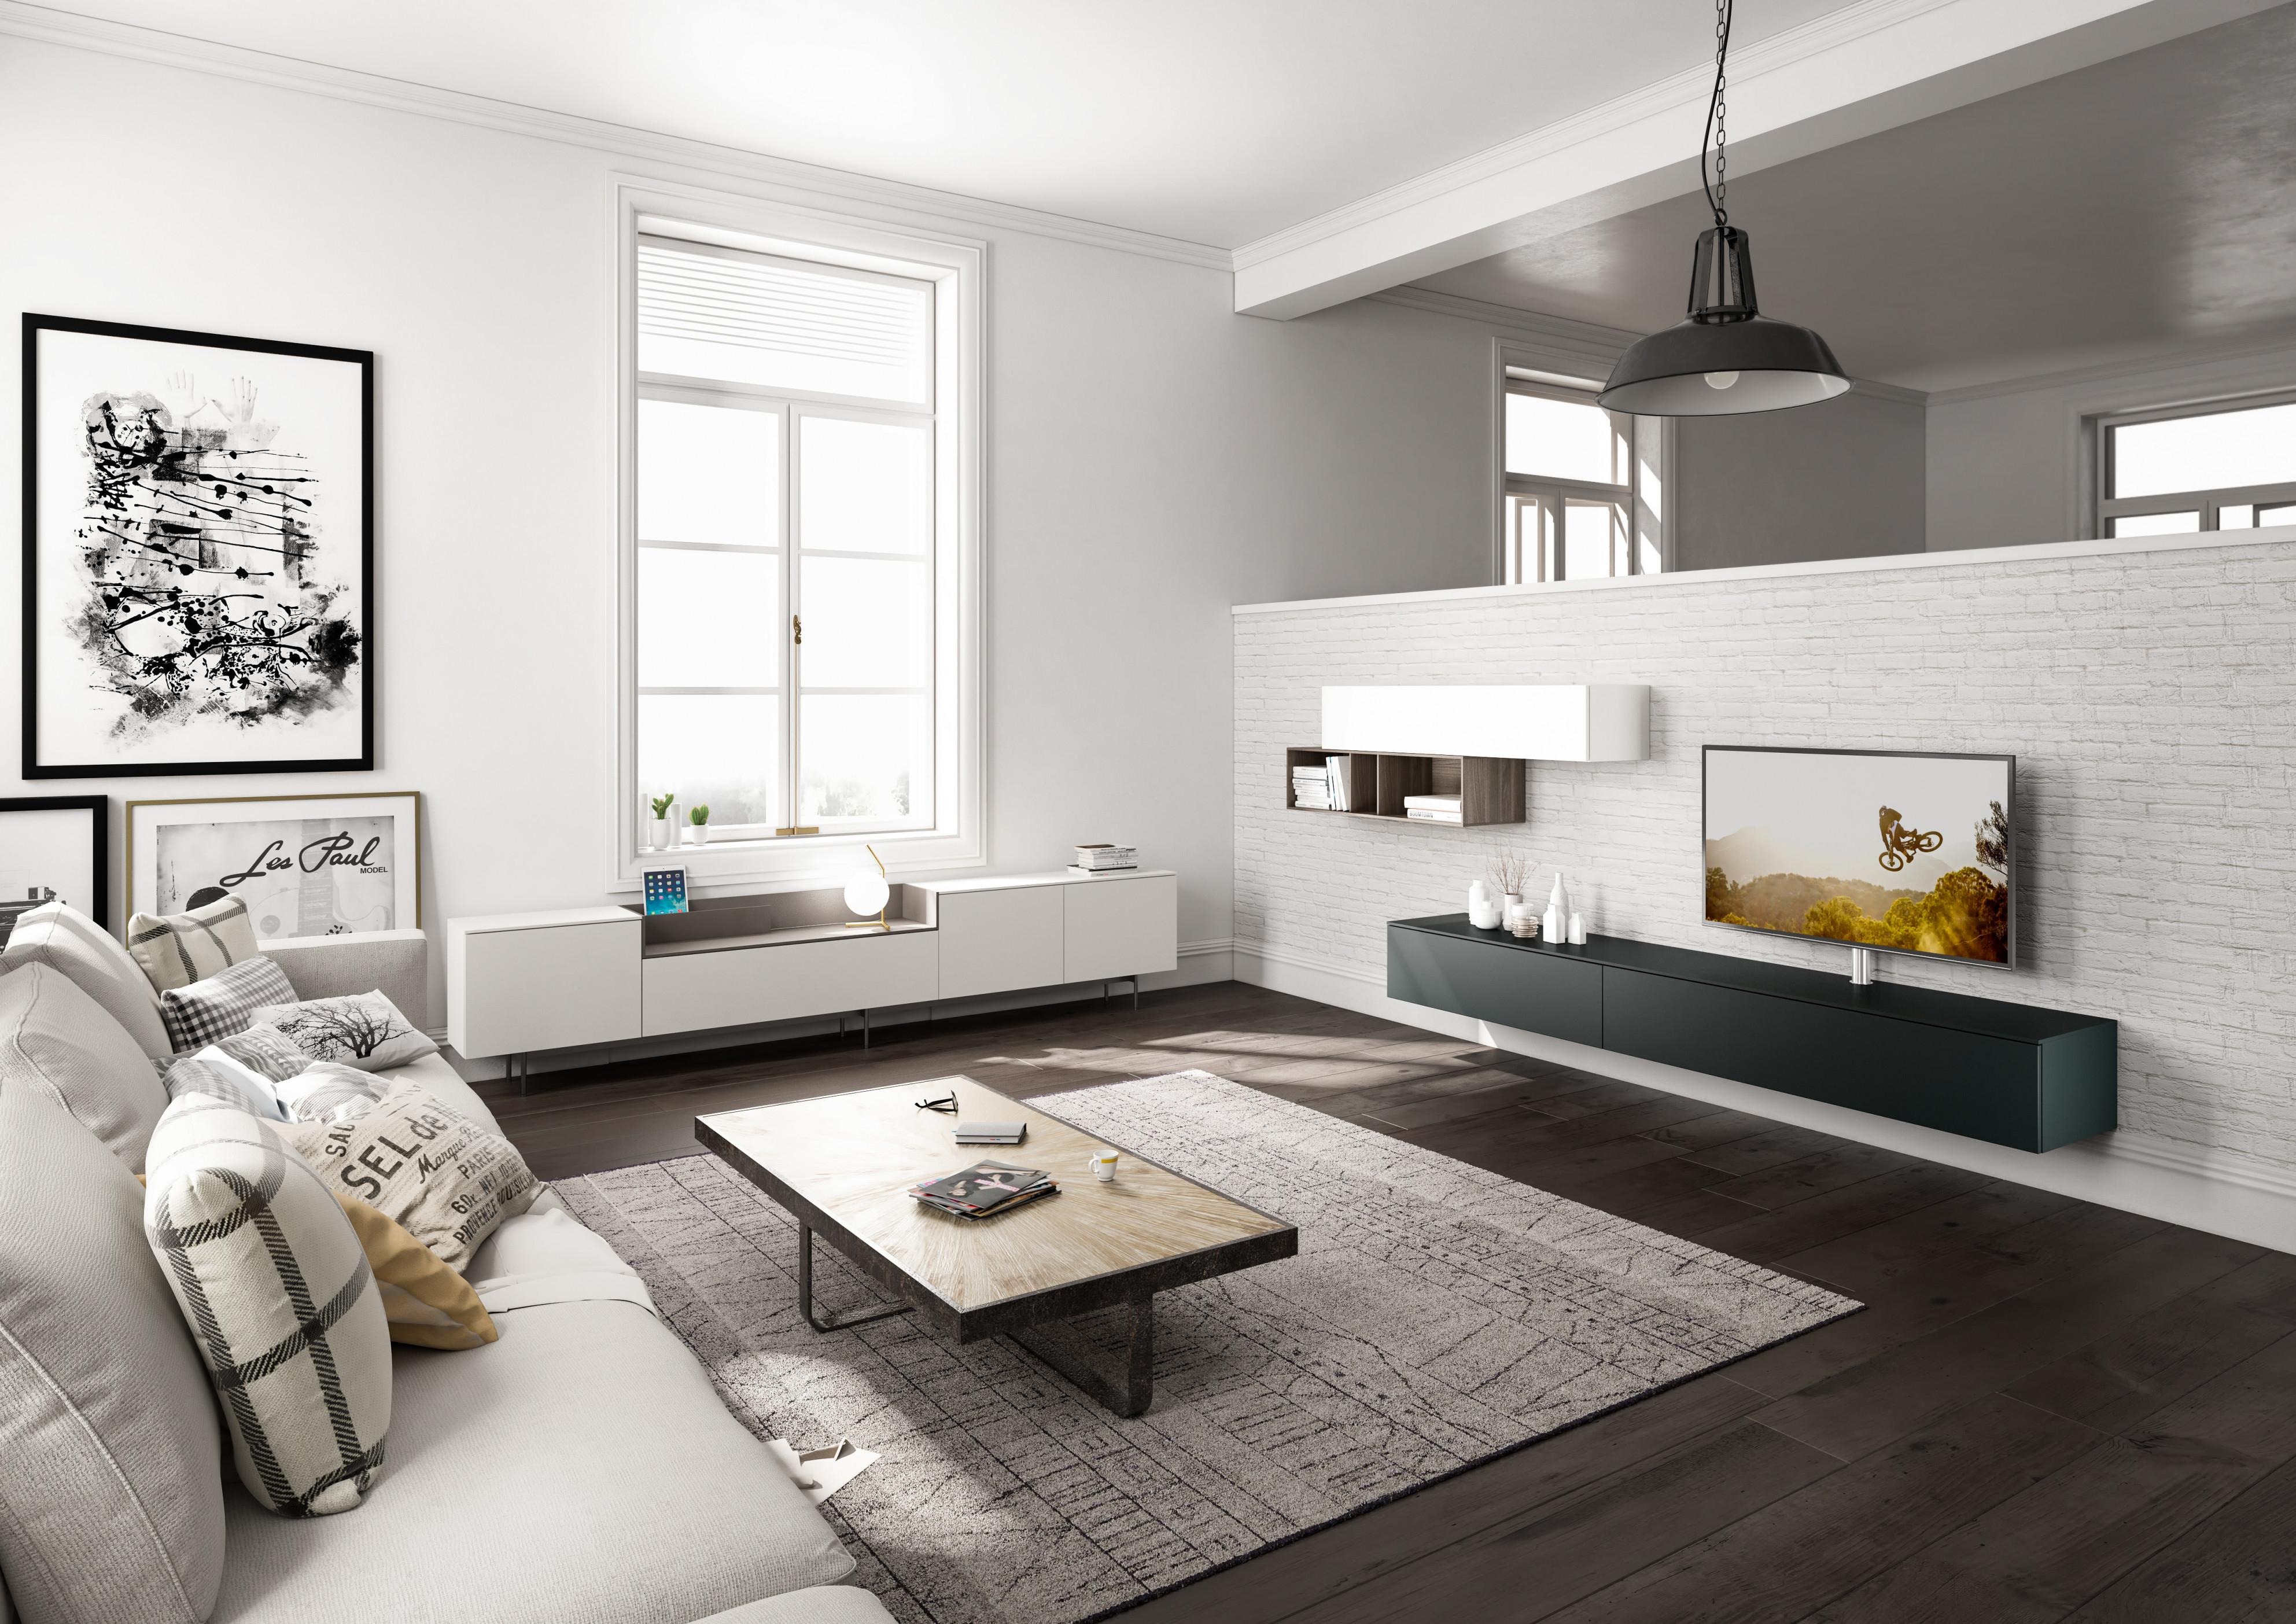 Wohnzimmergestaltung – Die Besten Ideen Tipps  Wohnbeispiele von Ideen Wohnzimmer Einrichten Bild